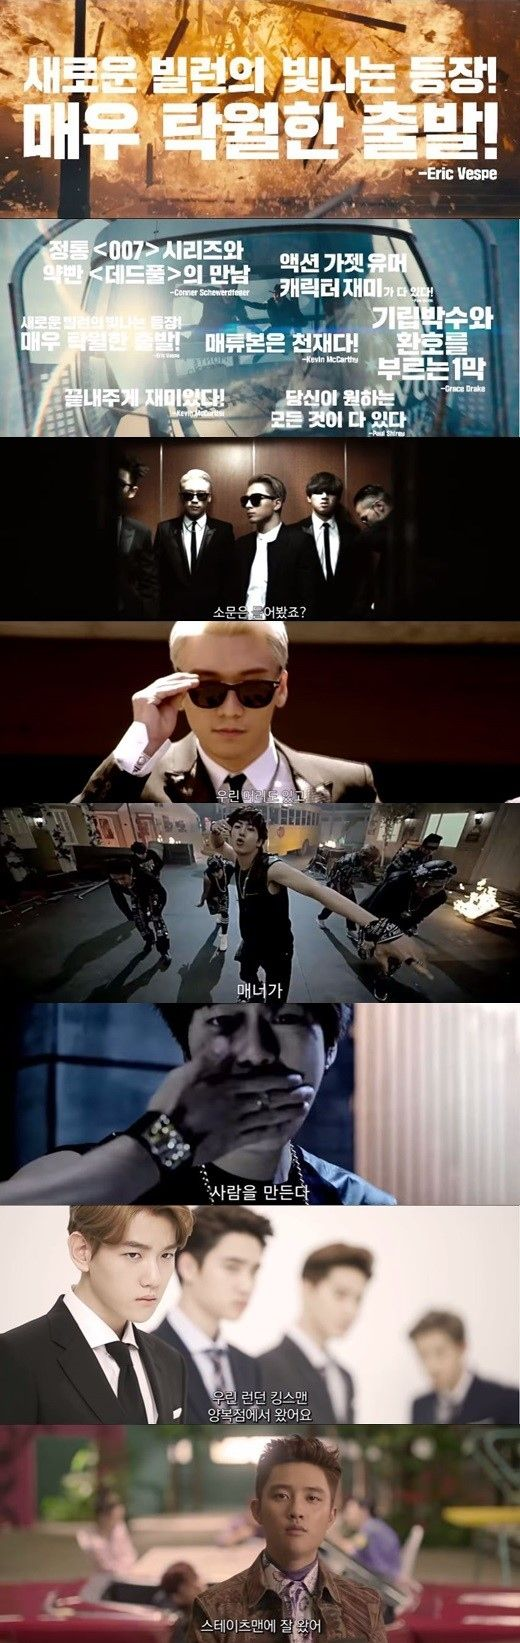 【BIGBANG NEWS】BIGBANG&EXO&防弾少年団らのパロディ映像公開…映画「キングスマン:ゴールデンサークル」にファンが熱い期待